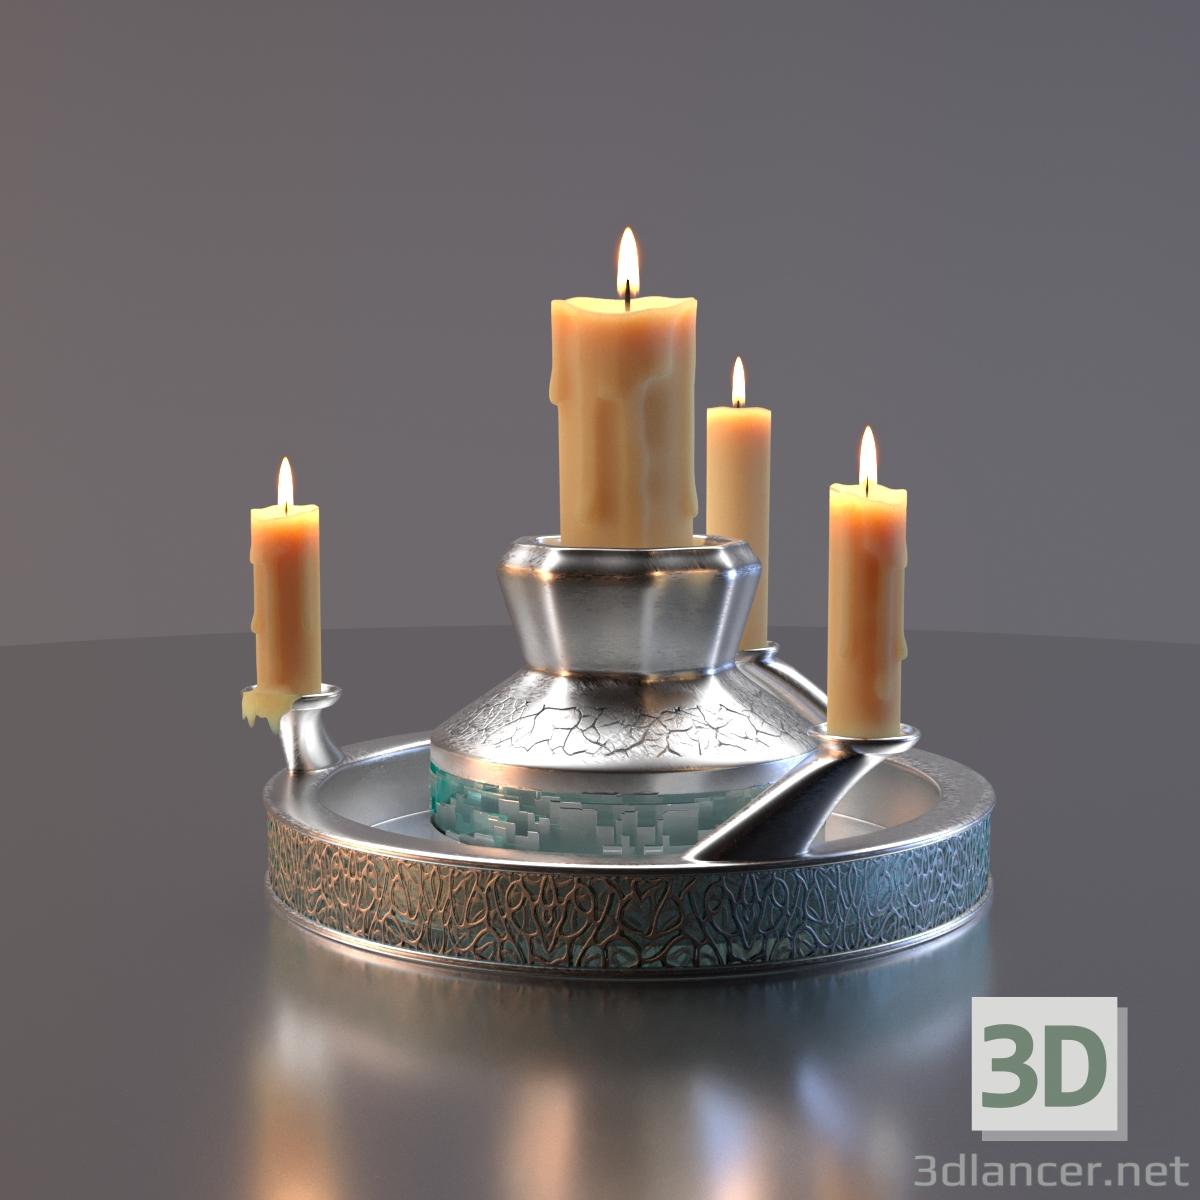 3d Candlestick model buy - render